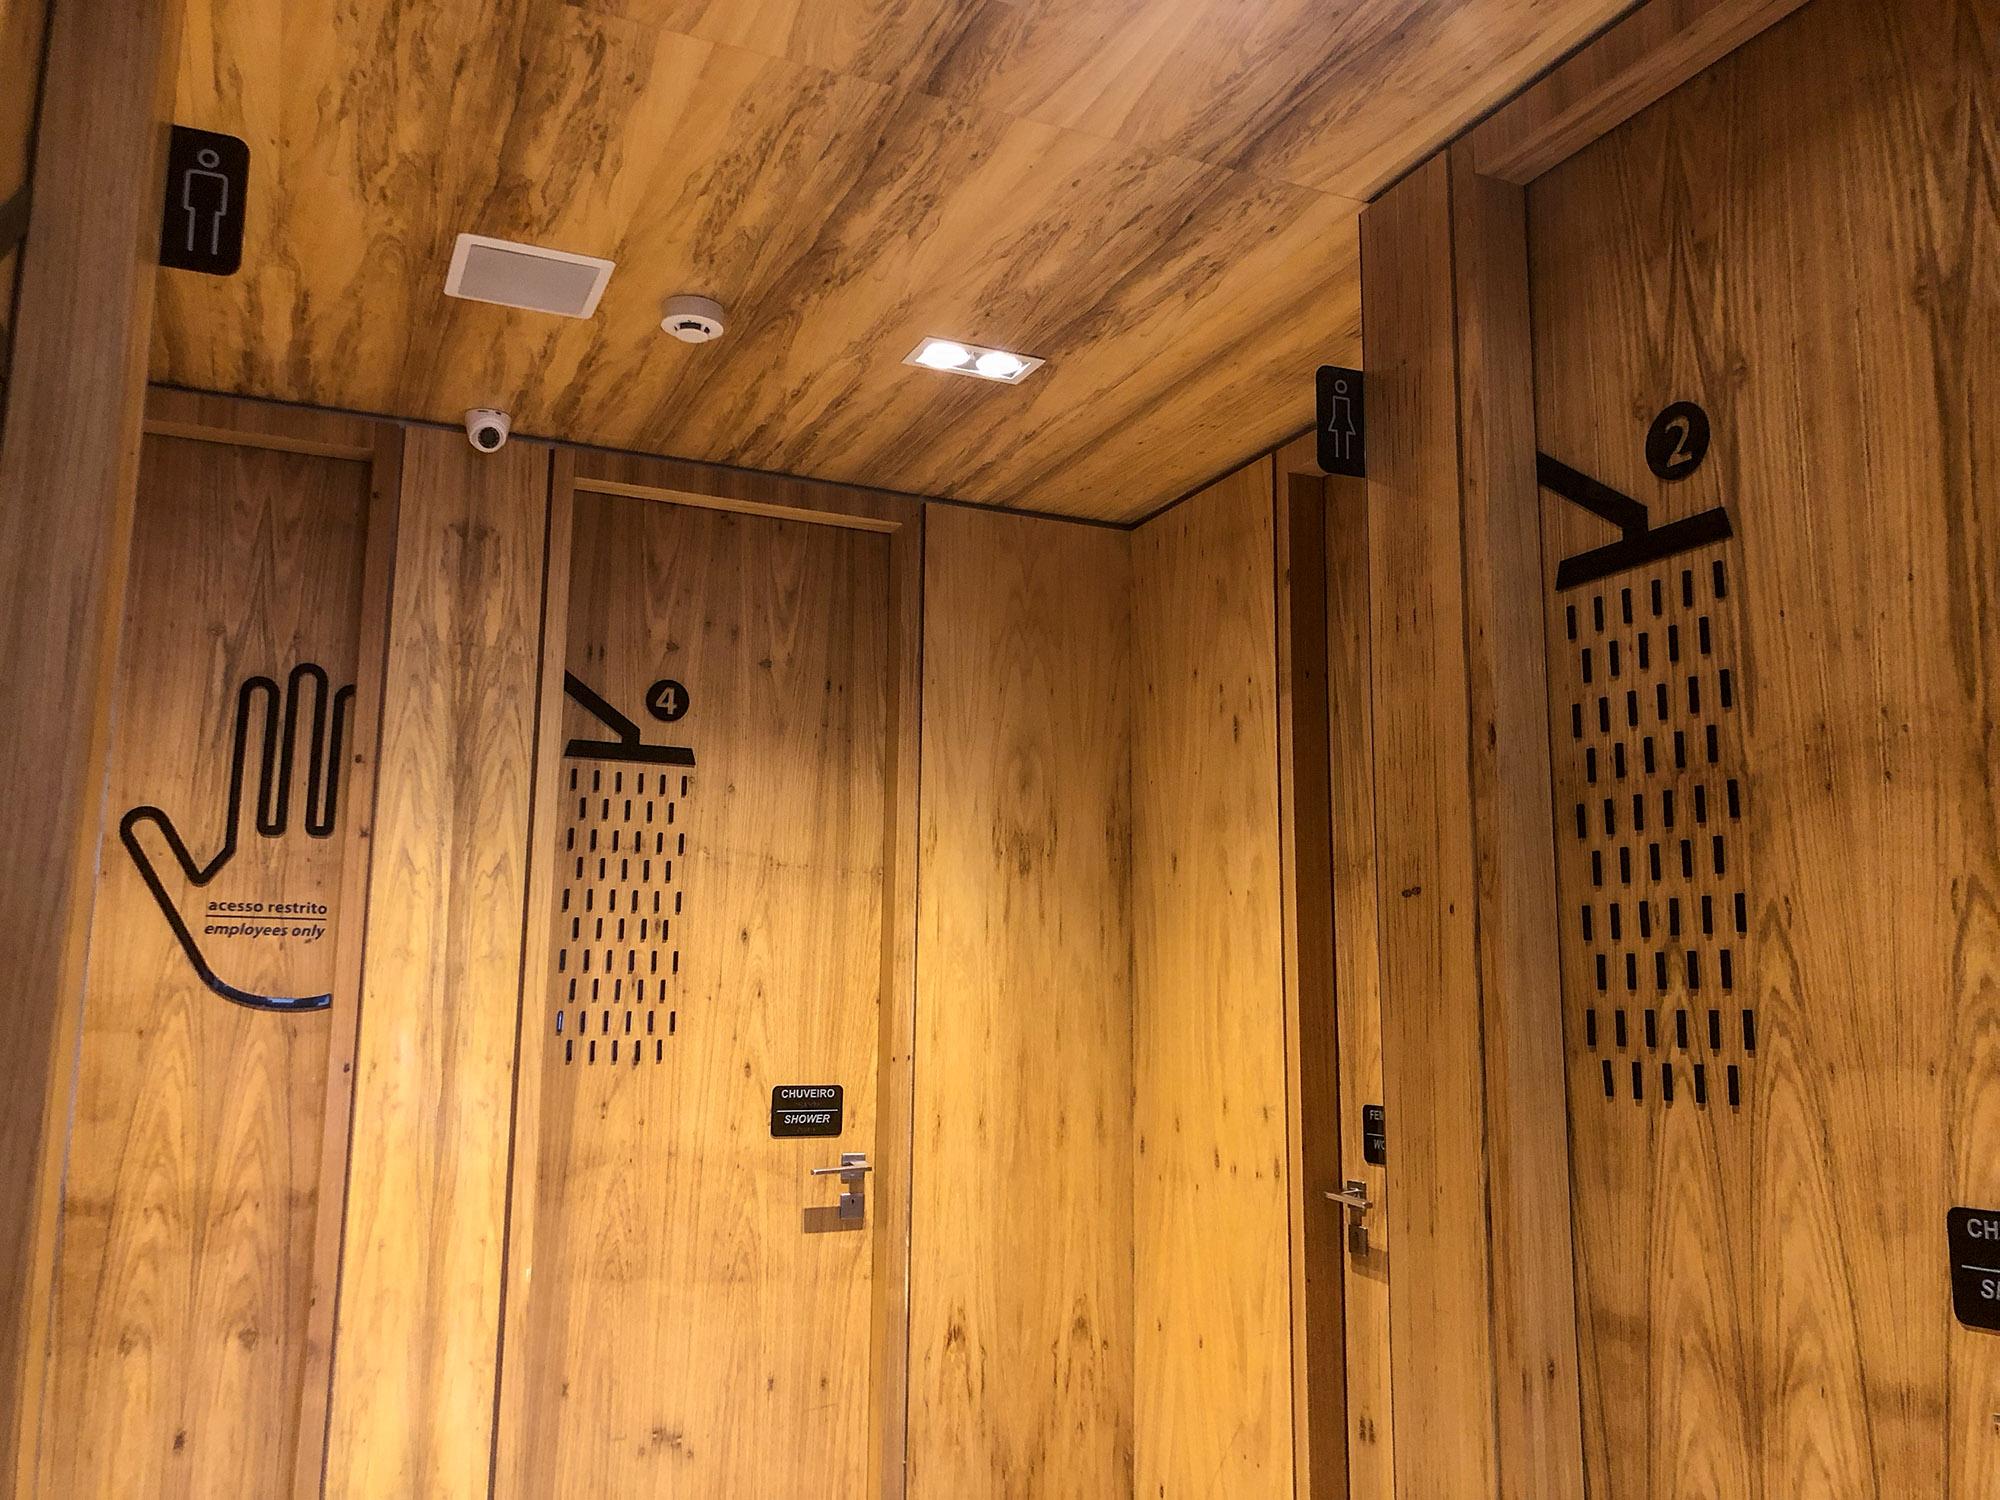 GOL Premium Lounge